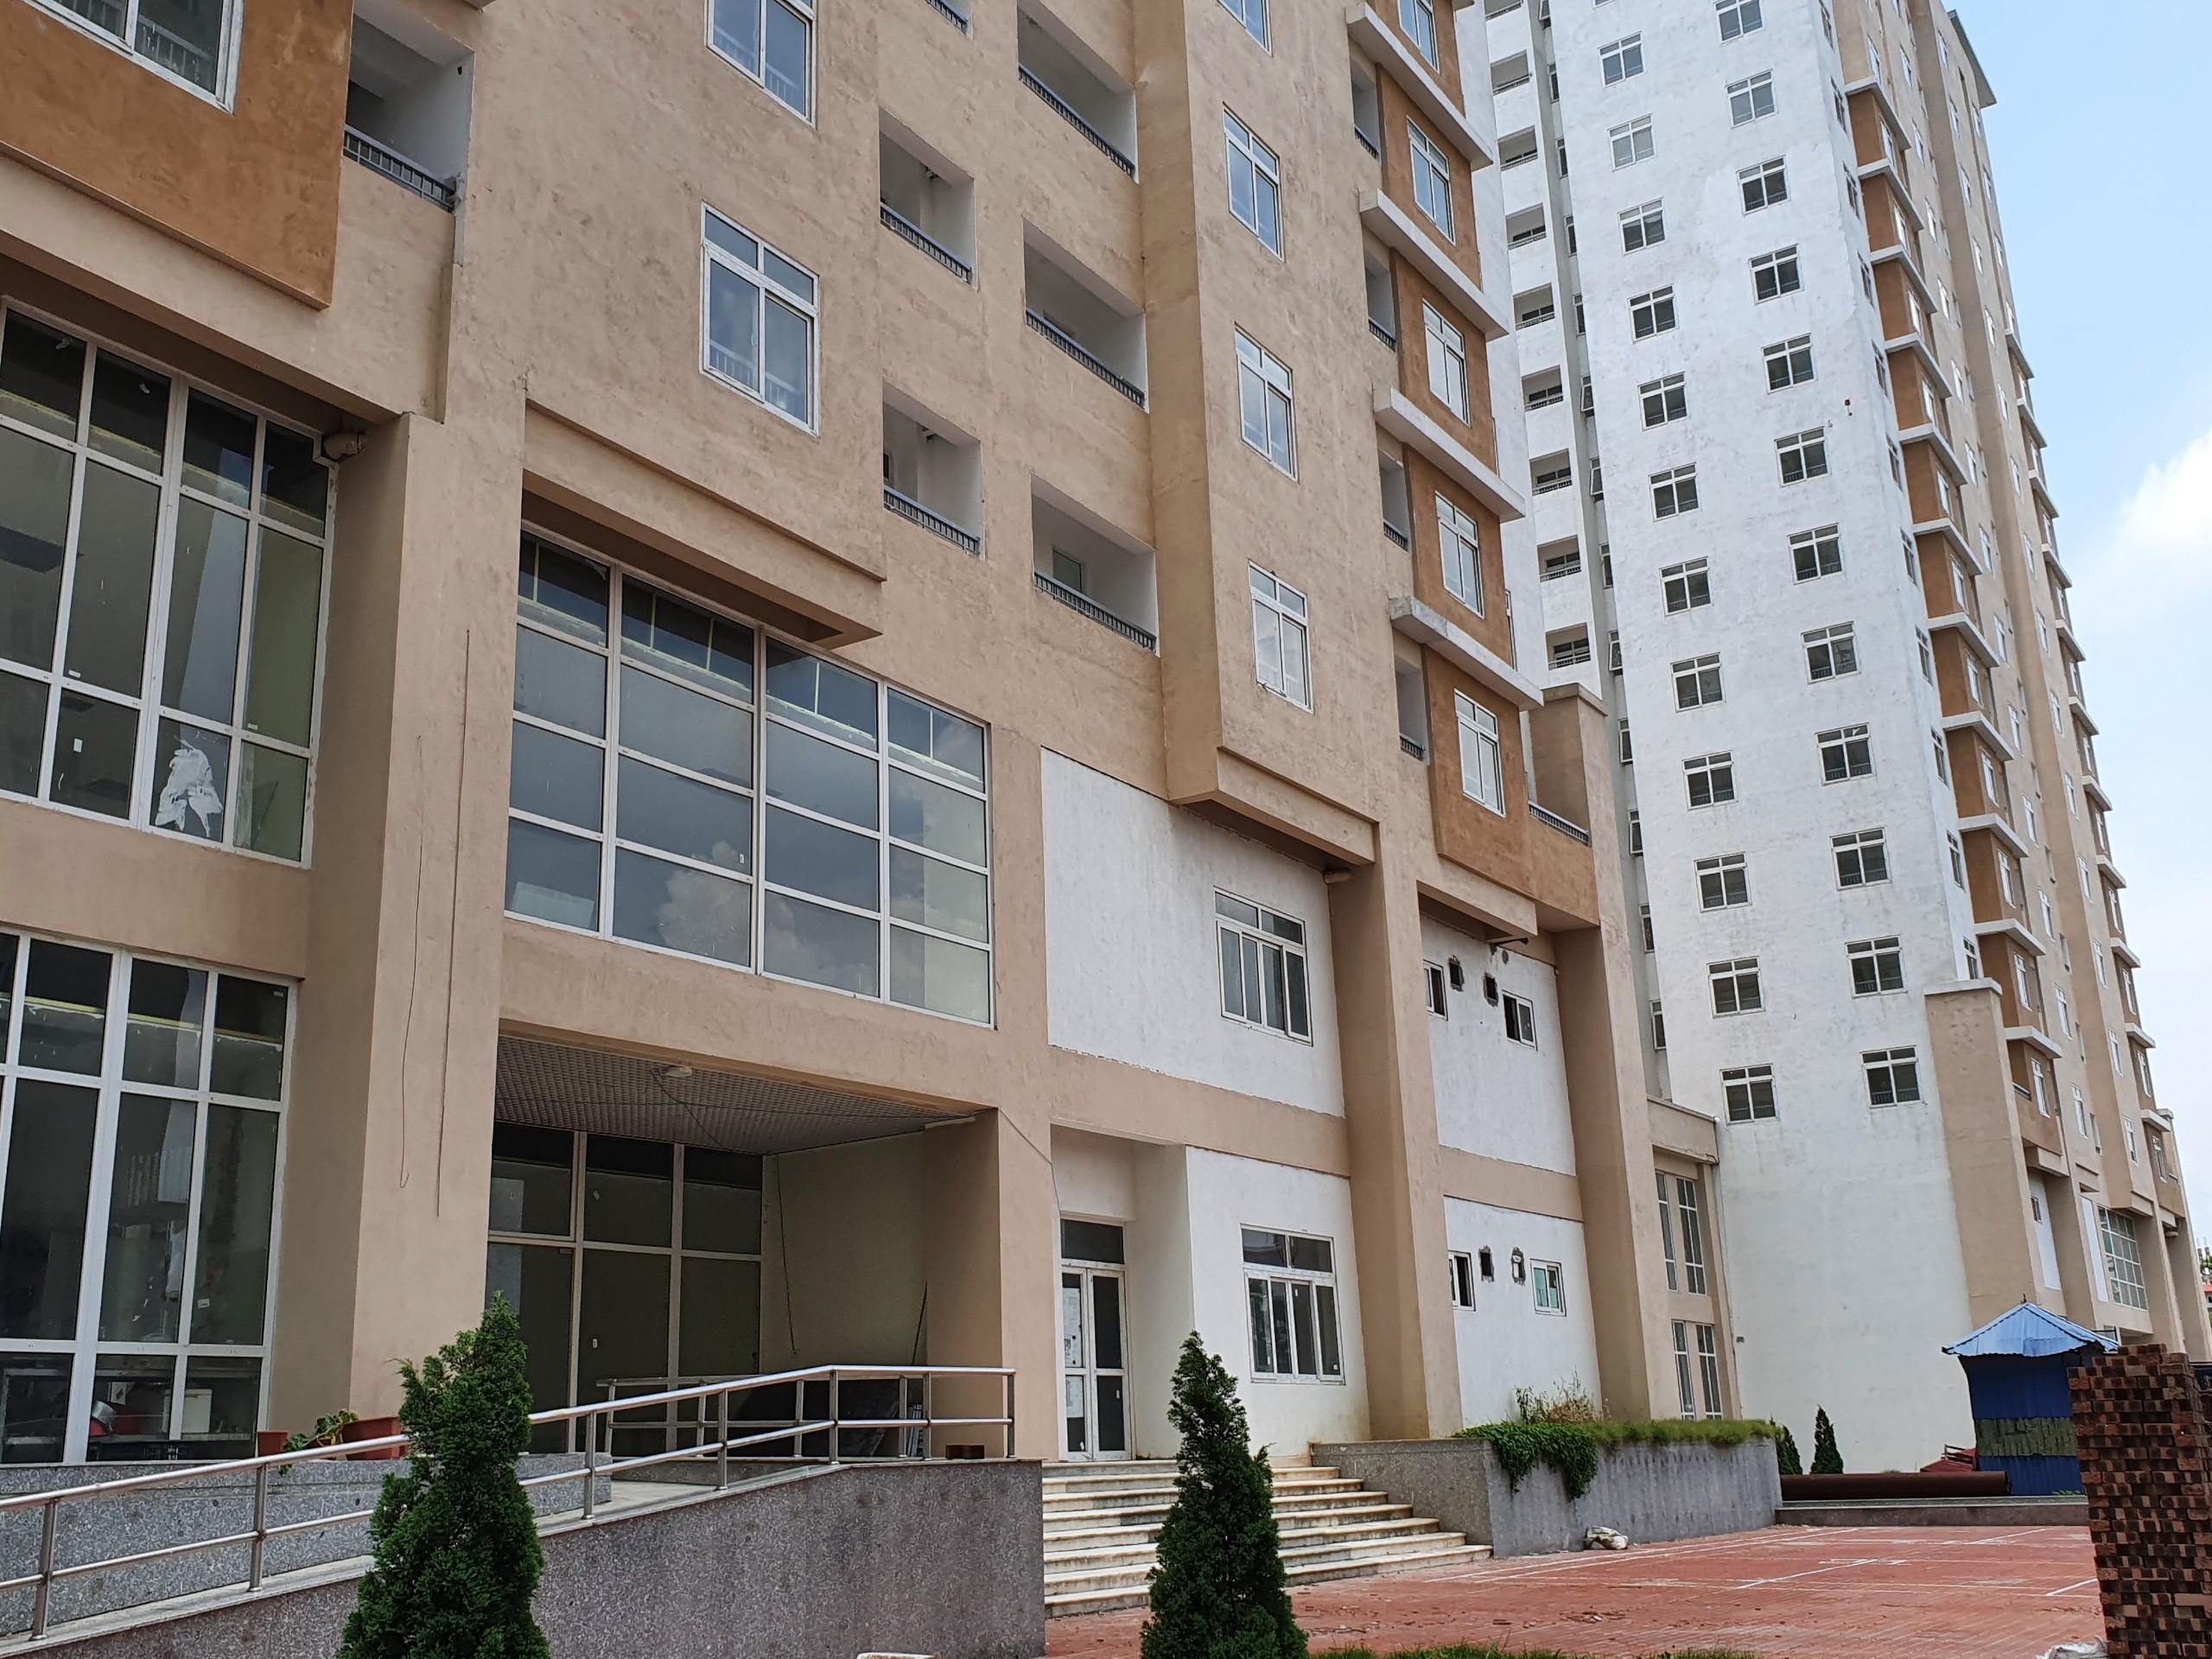 Chủ đầu tư Khu tái định cư Xuân La là Ban Quản lý dự án đầu tư xây dựng công trình dân dụng và công nghiệp thành phố.dự án với 2 tòa chung cư bao gồm tòa CT1 với quy mô 17 tầng và tòa CT2 là 11 tầng.